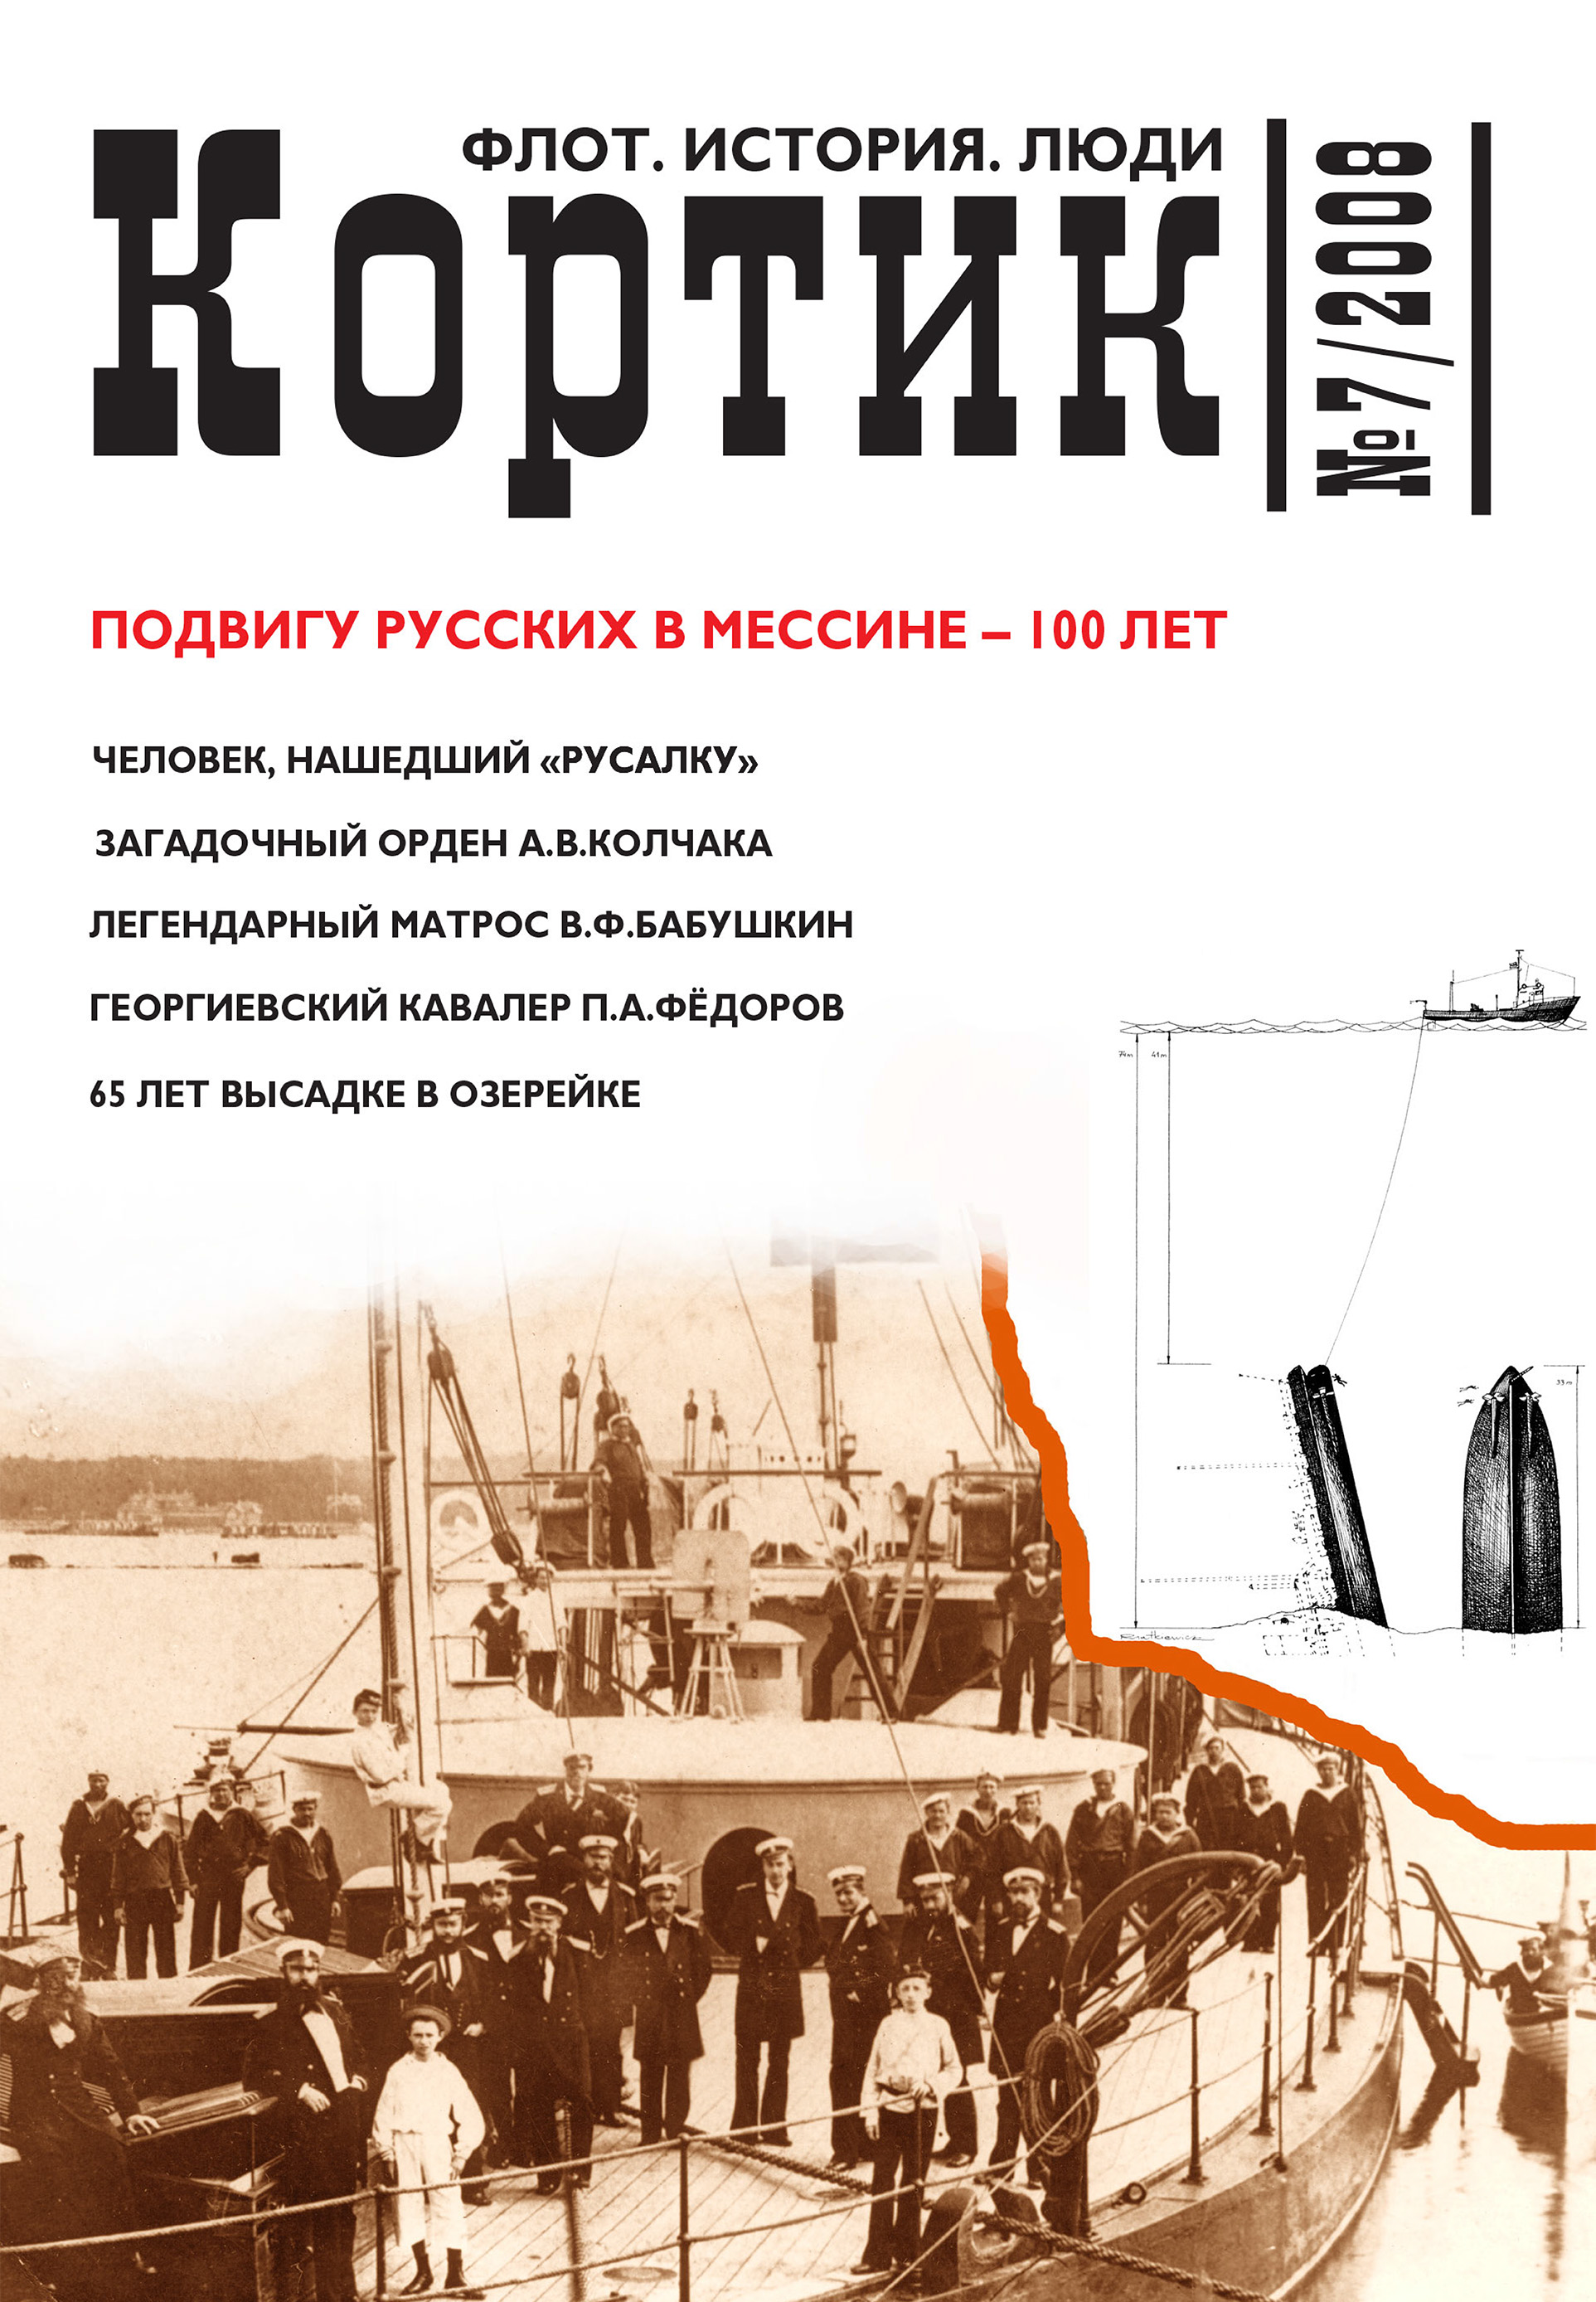 Кортик. Флот. История. Люди. № 7 / 2008 ( Коллектив авторов  )